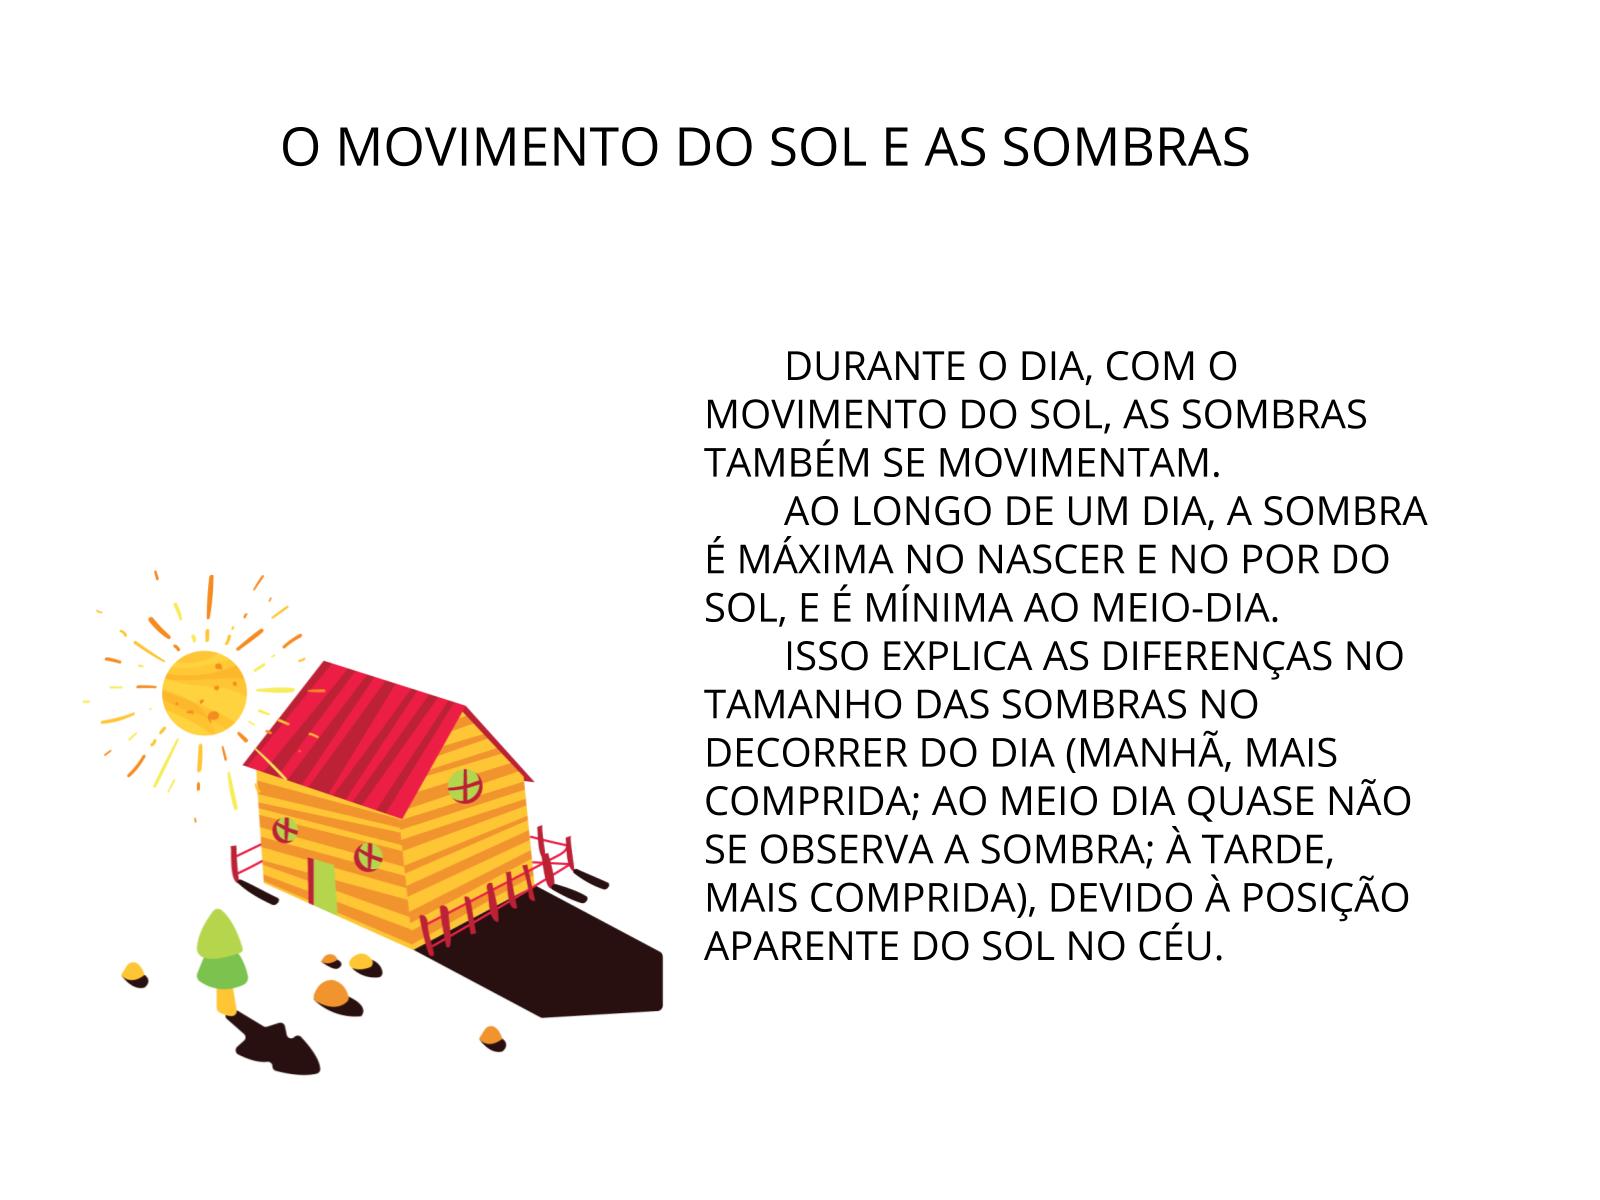 AS SOMBRAS E O SOL